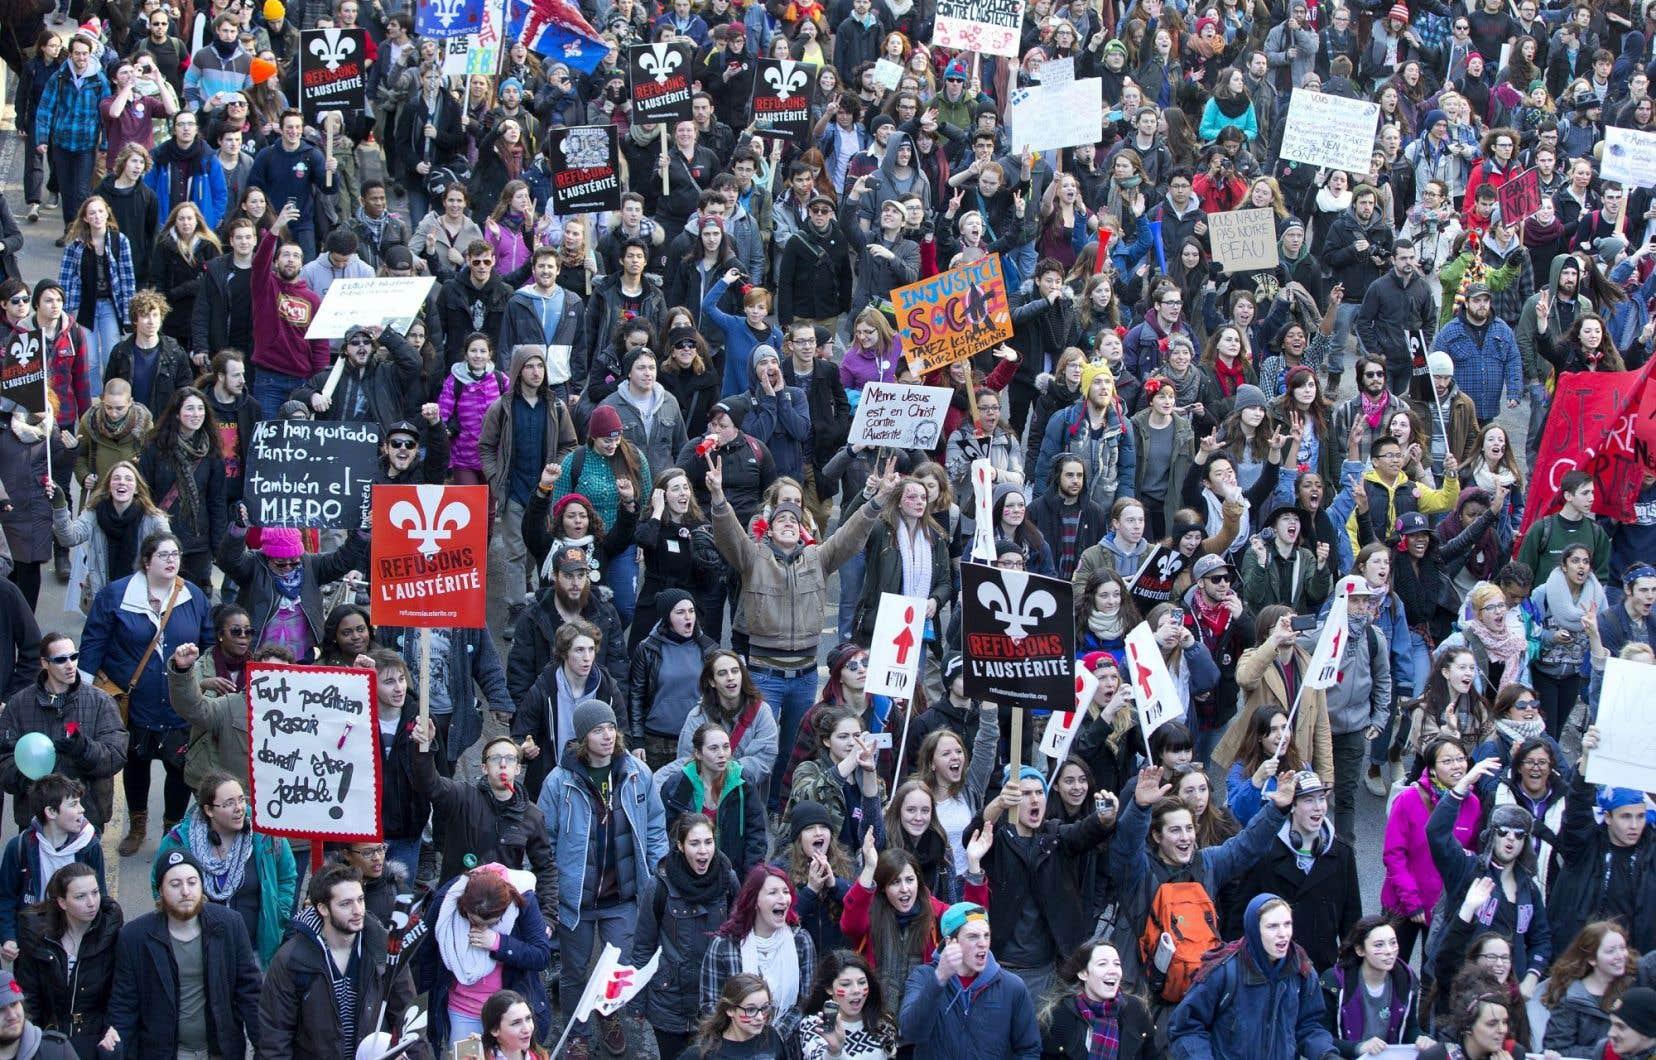 Aidée par la météo clémente en après-midi, la manifestation s'est déroulée dans la bonne humeur générale.